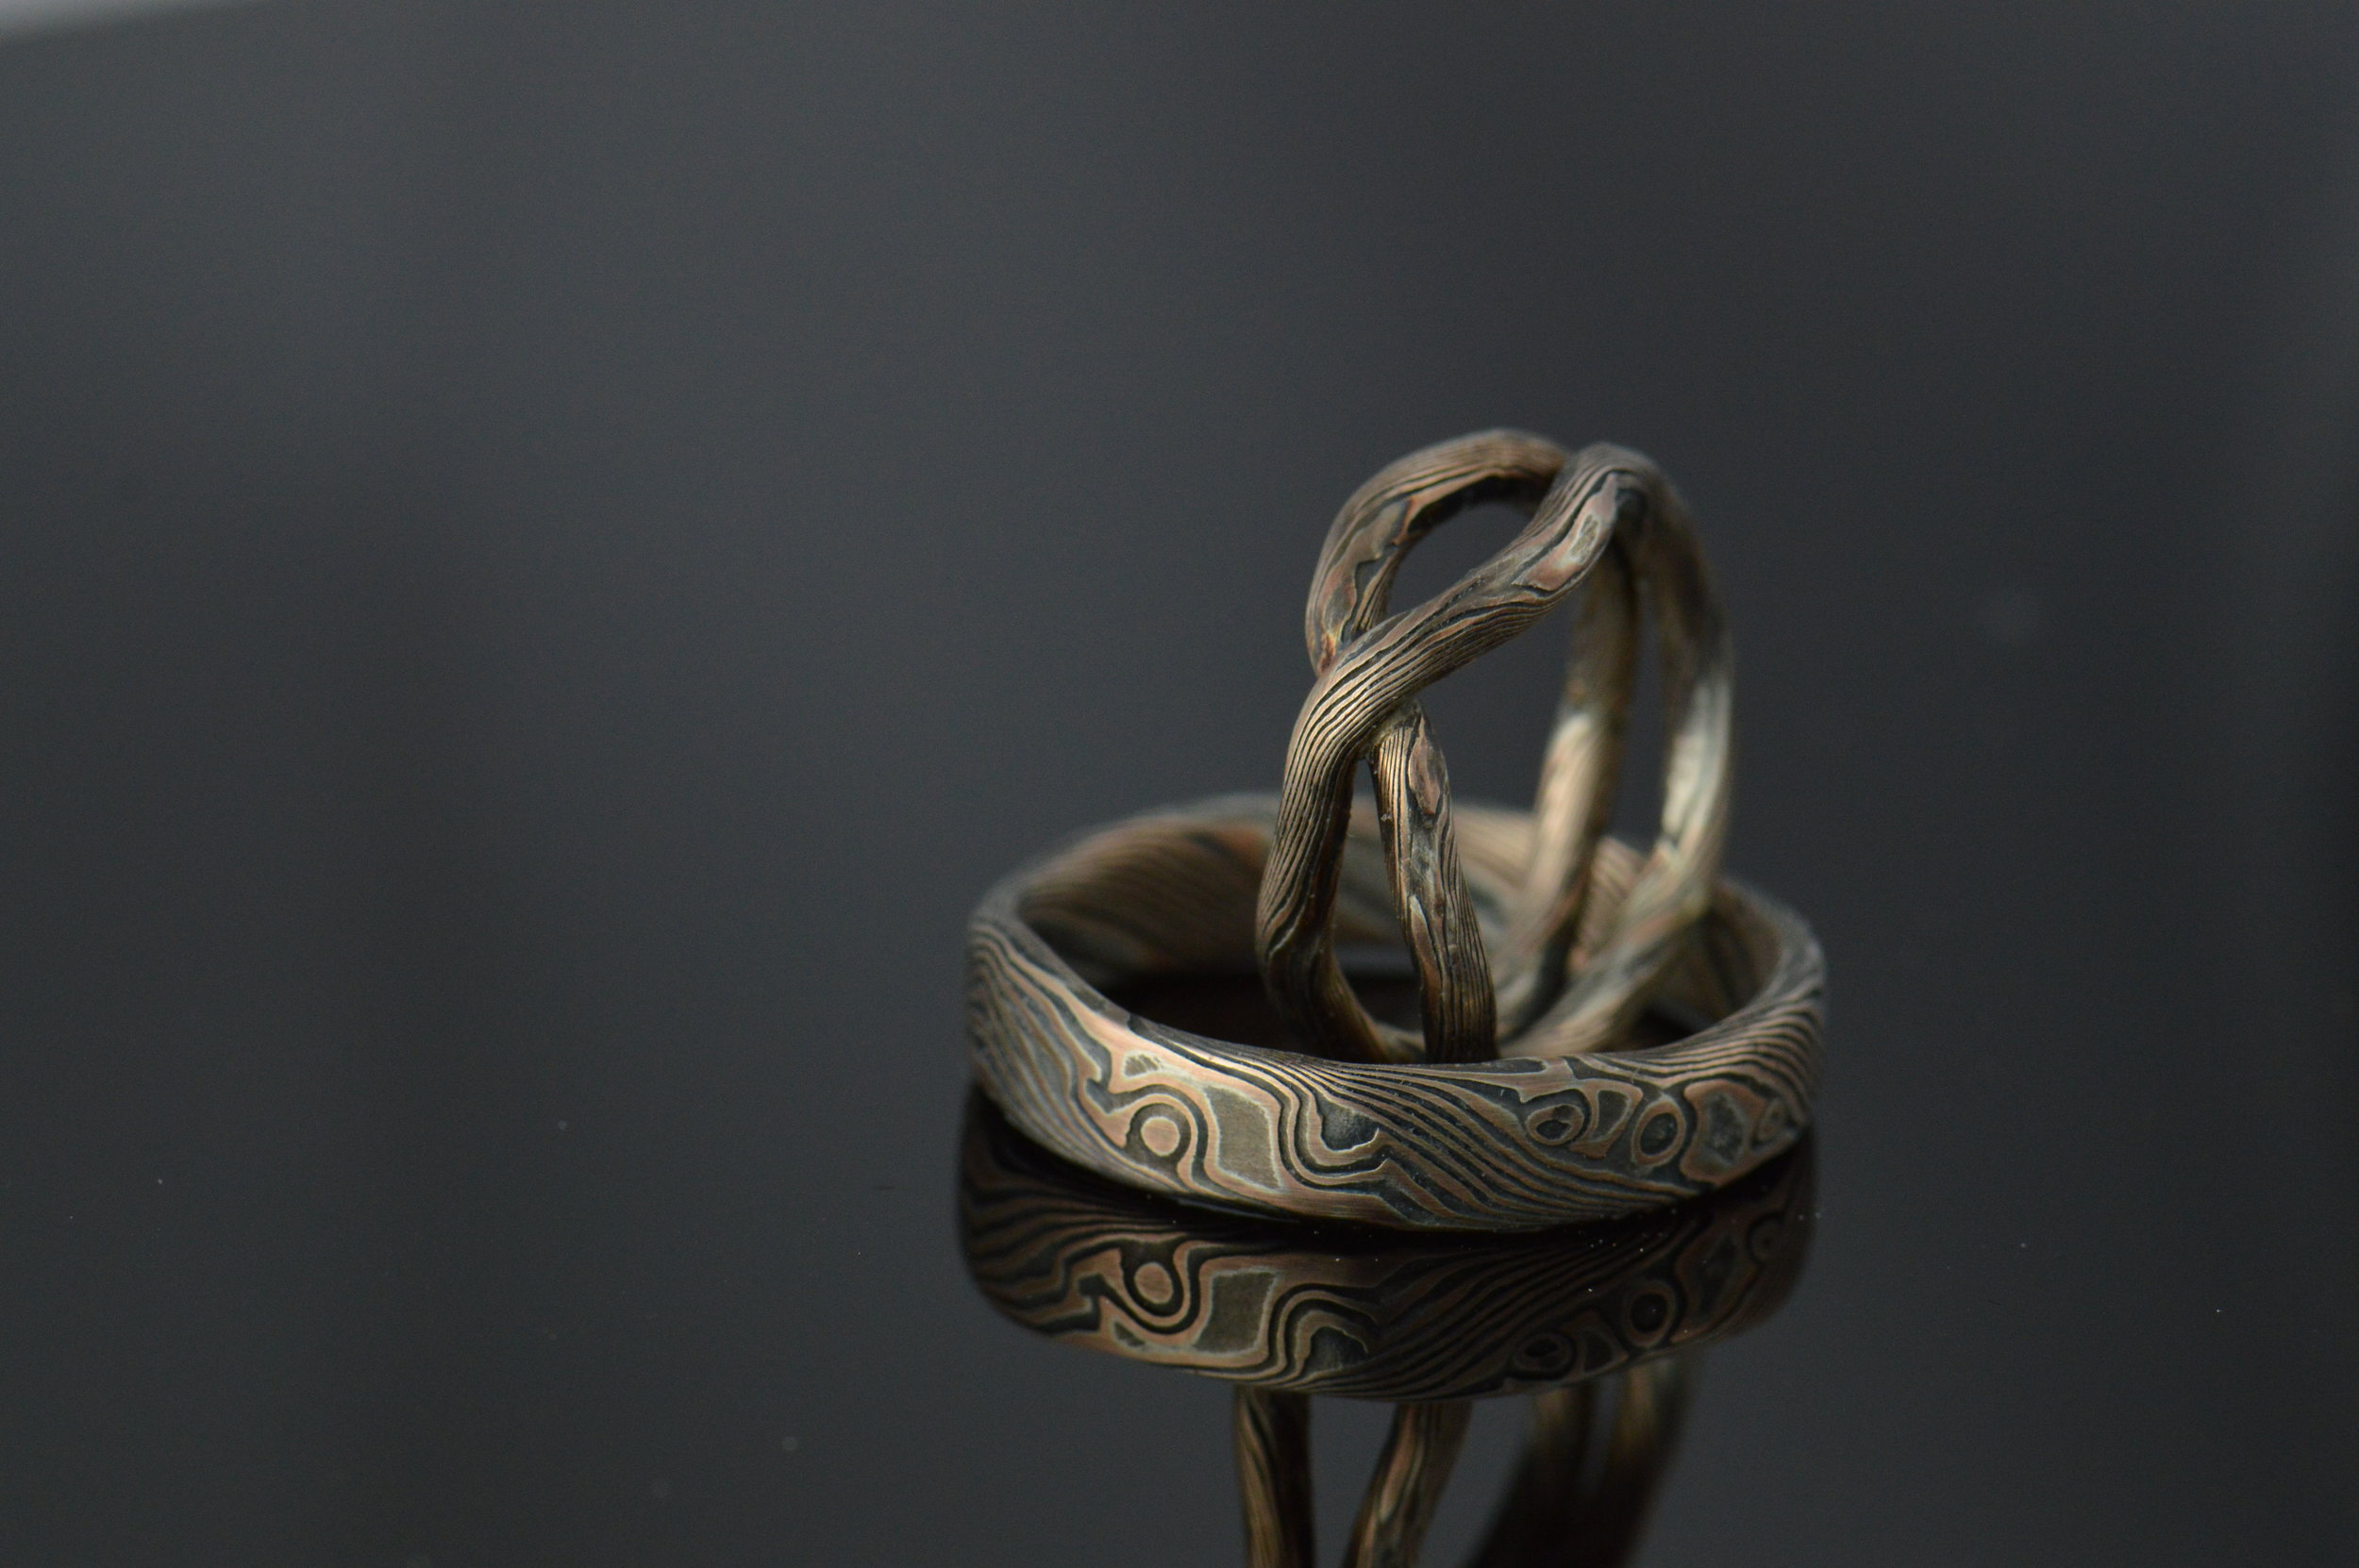 darvier-mokume-noir-hand-forged.JPG